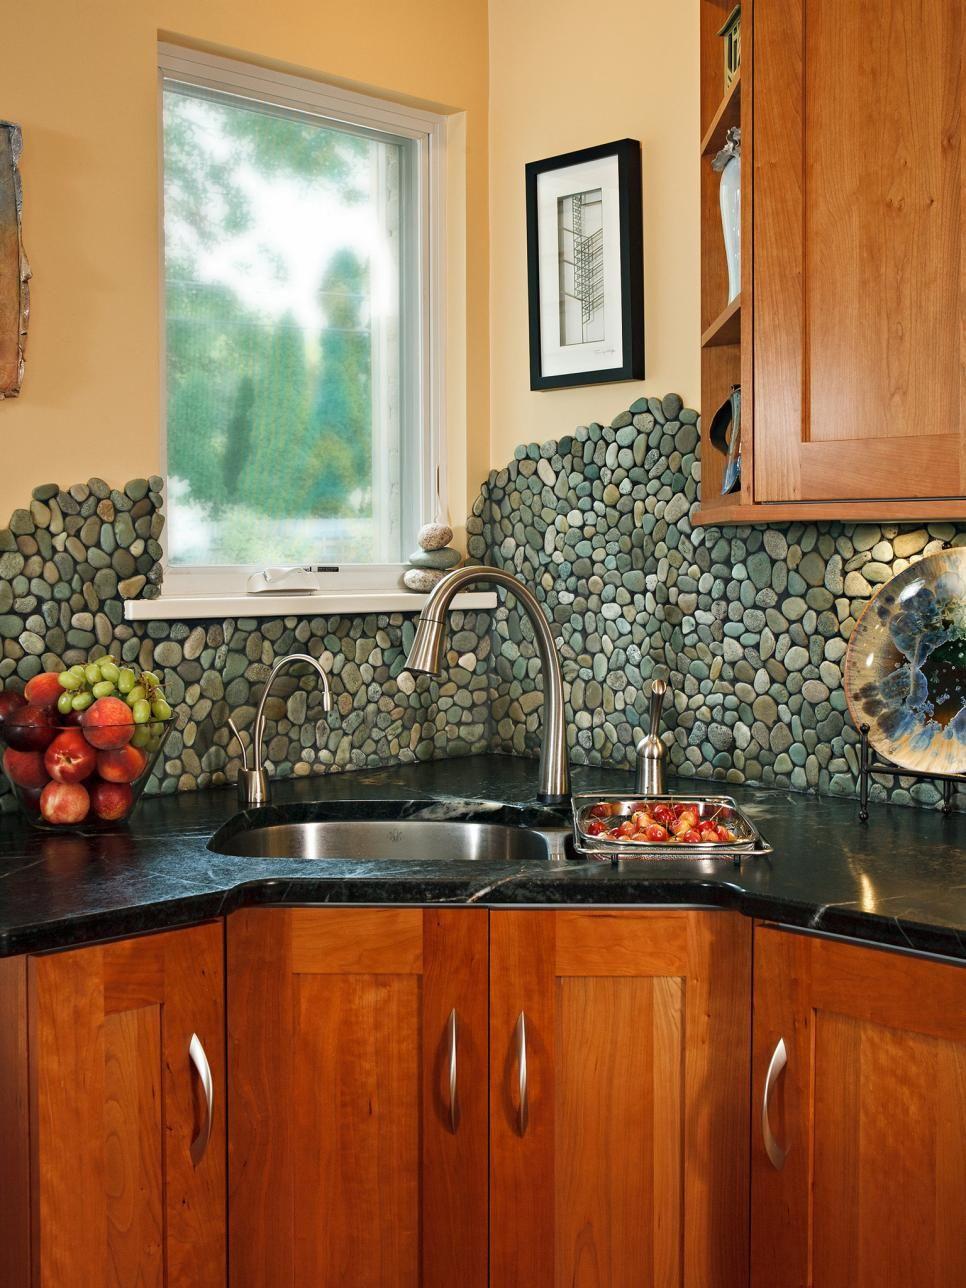 trendiest kitchen backsplash materials kitchen backsplash